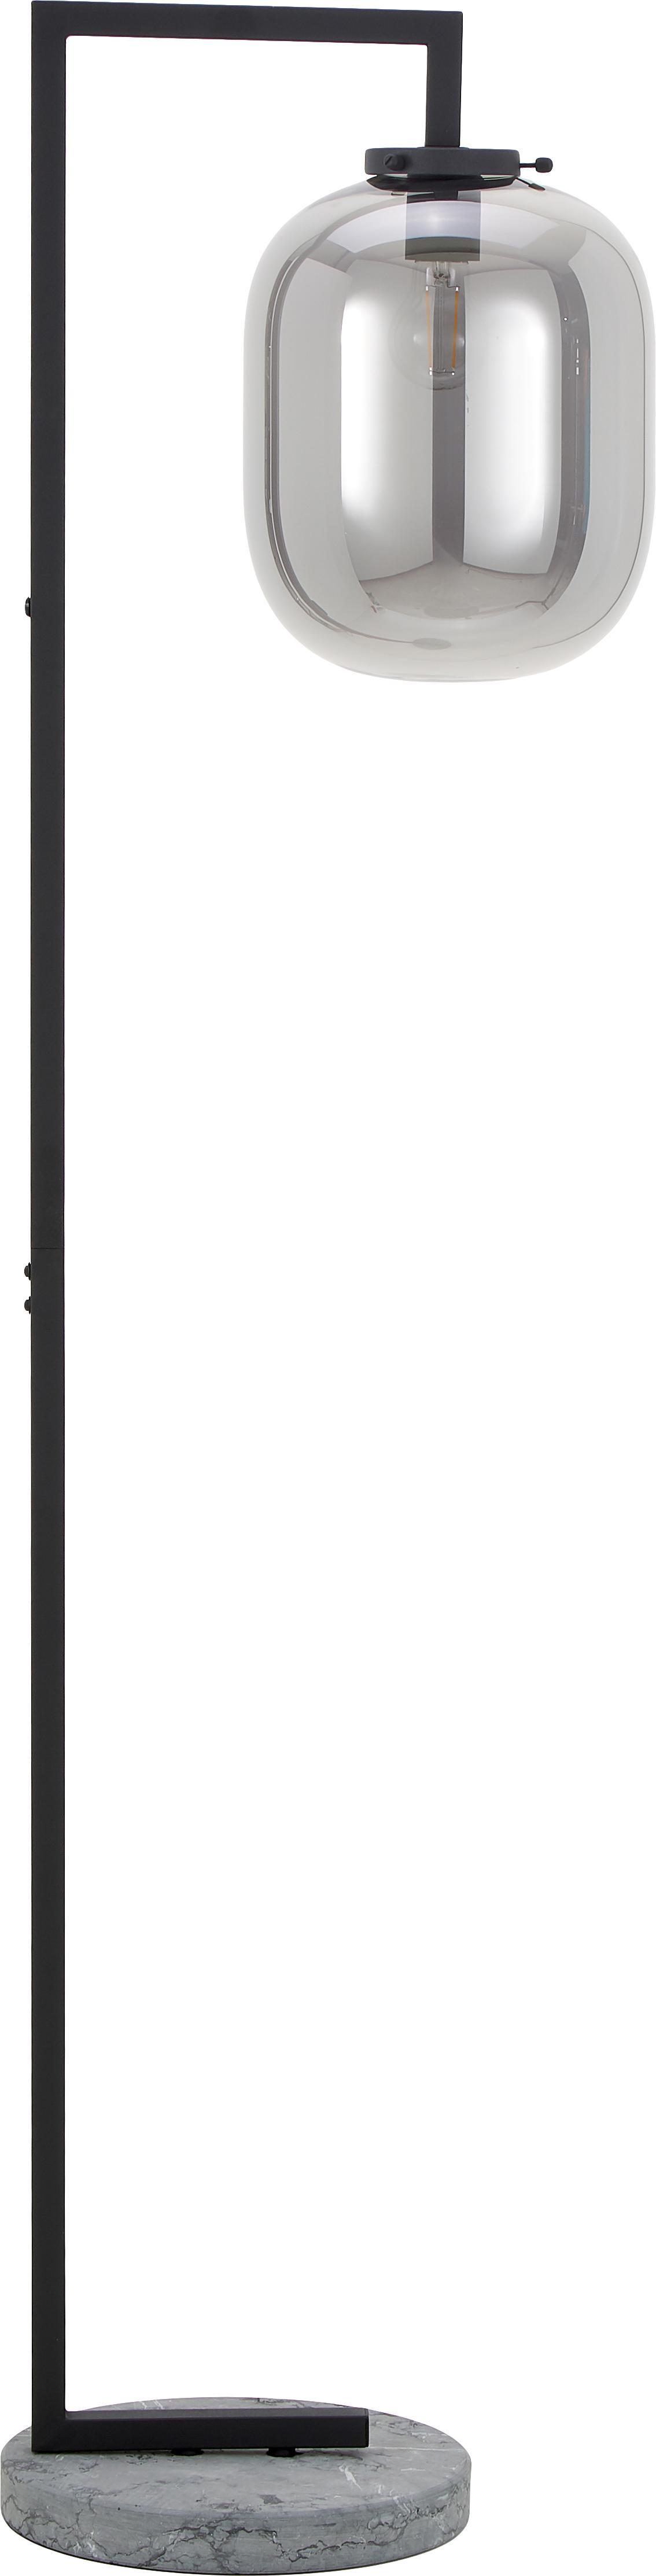 Stehlampe Leola aus Glas, Lampenschirm: Glas, Lampenfuß: Marmor, Chromfarben, Schwarz, Ø 38 x H 150 cm